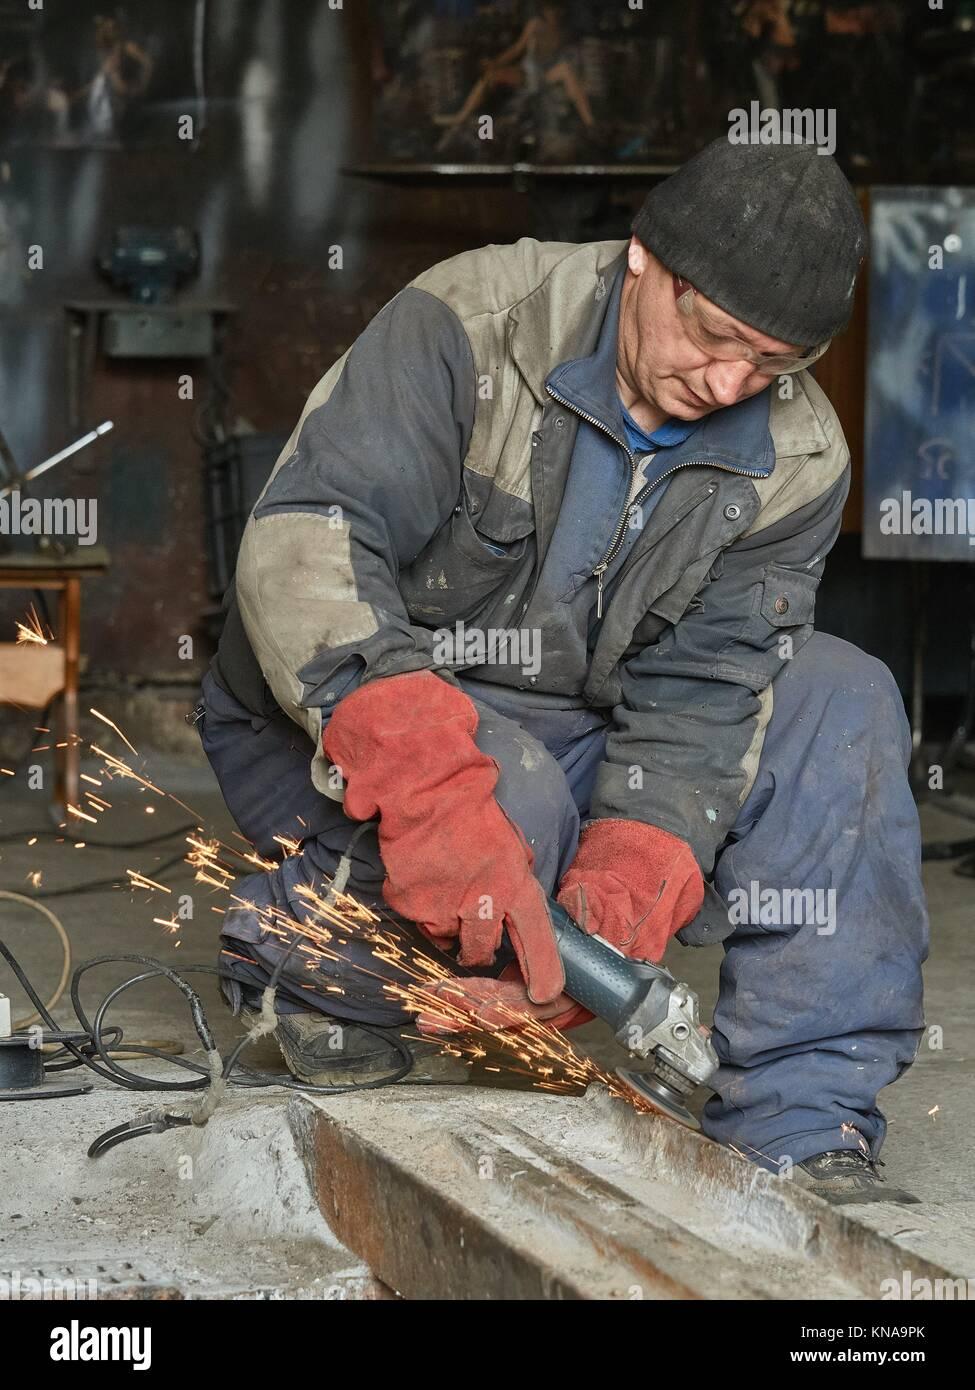 Un travailleur moud rail métallique pour les soudures. La photo montre les étincelles de la meule. Photo Stock